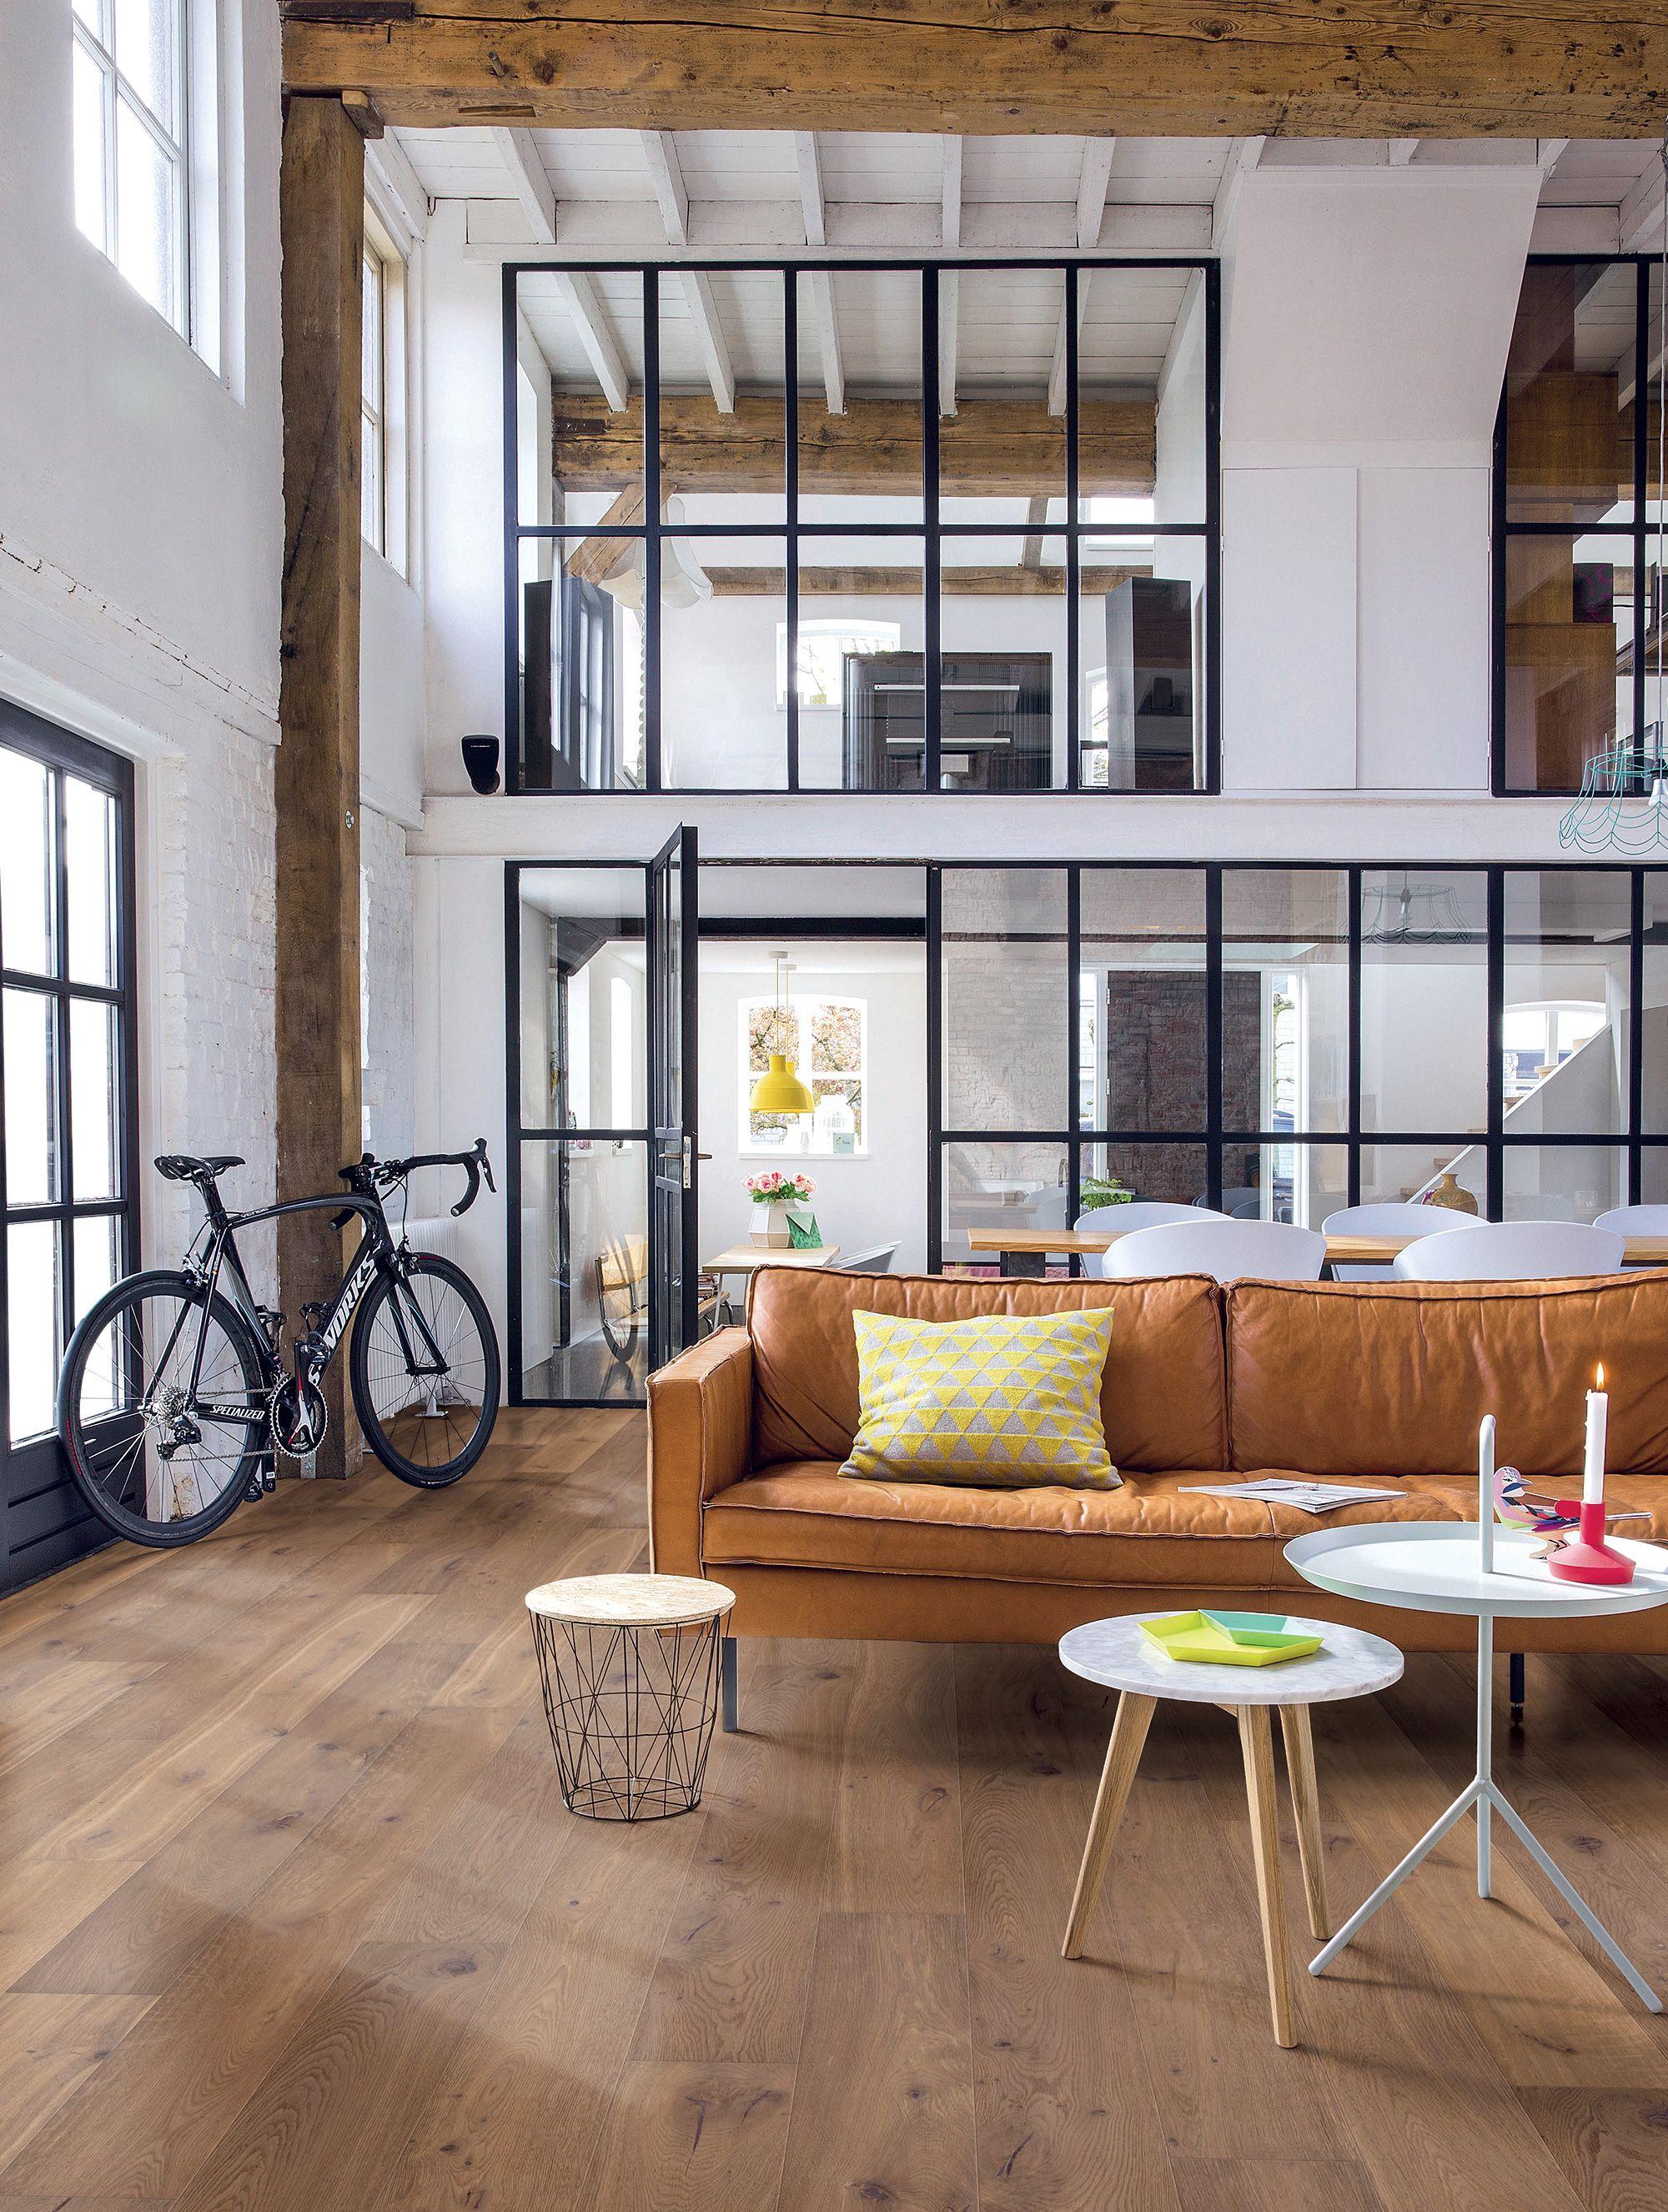 Notre Loft : idées déco & loft  Déco maison, Idee deco, Maison